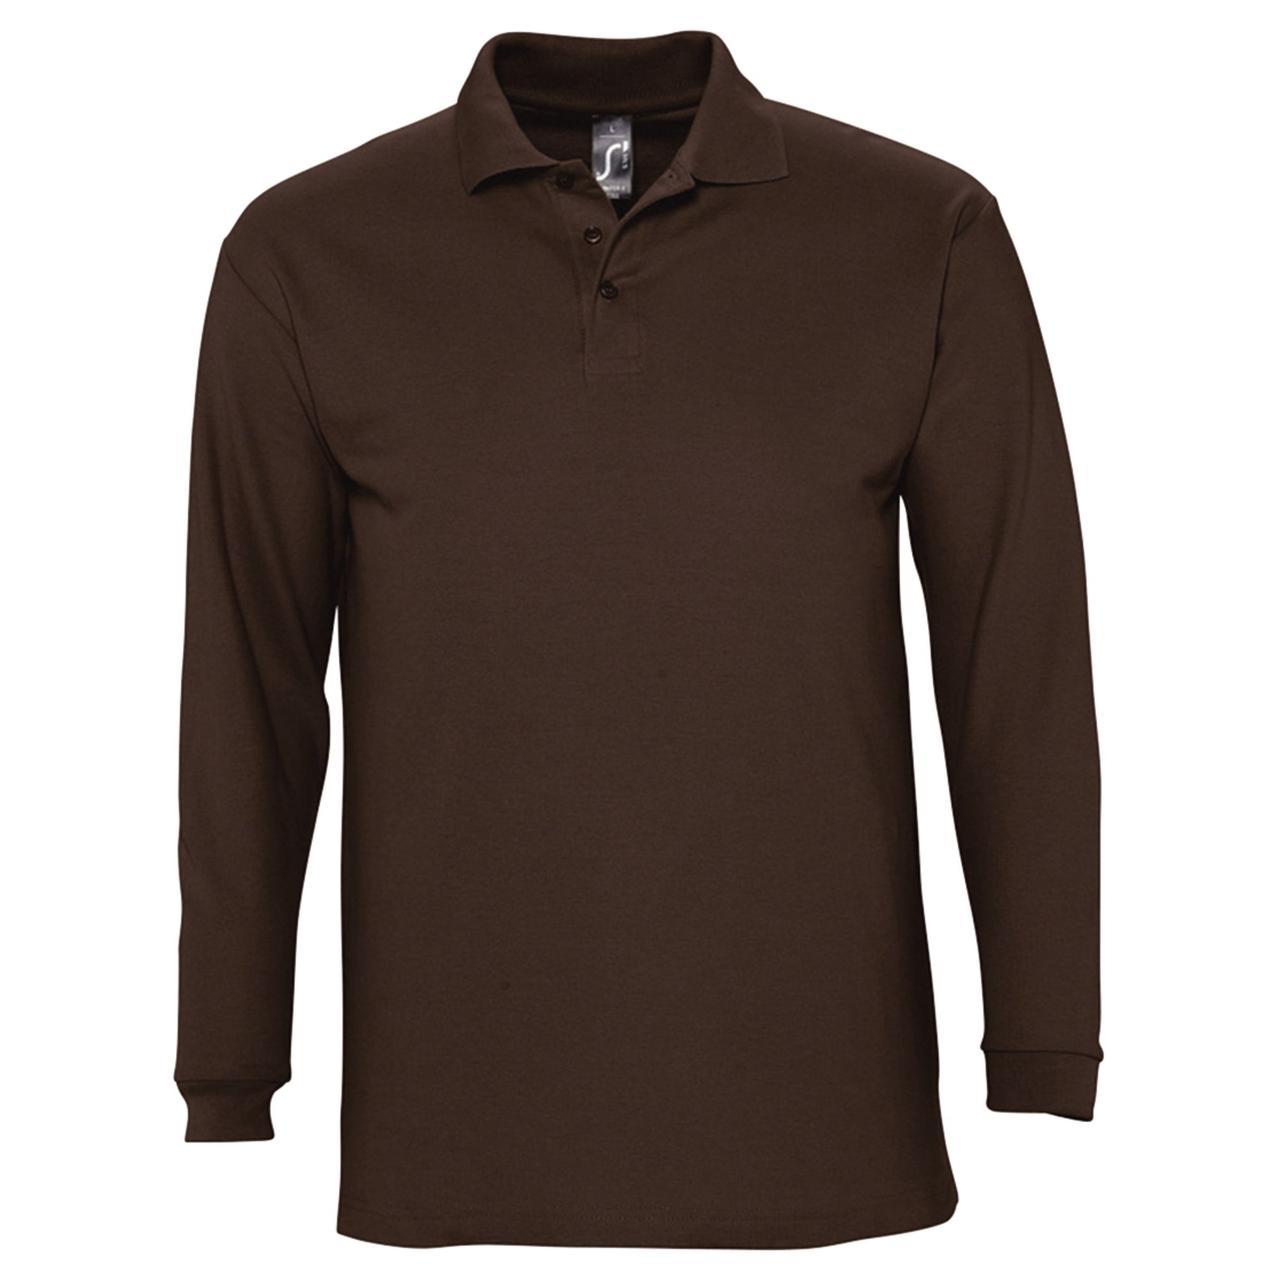 Рубашка поло мужская с длинным рукавом Winter II 210 шоколадно-коричневая (артикул 11353398) - фото 1